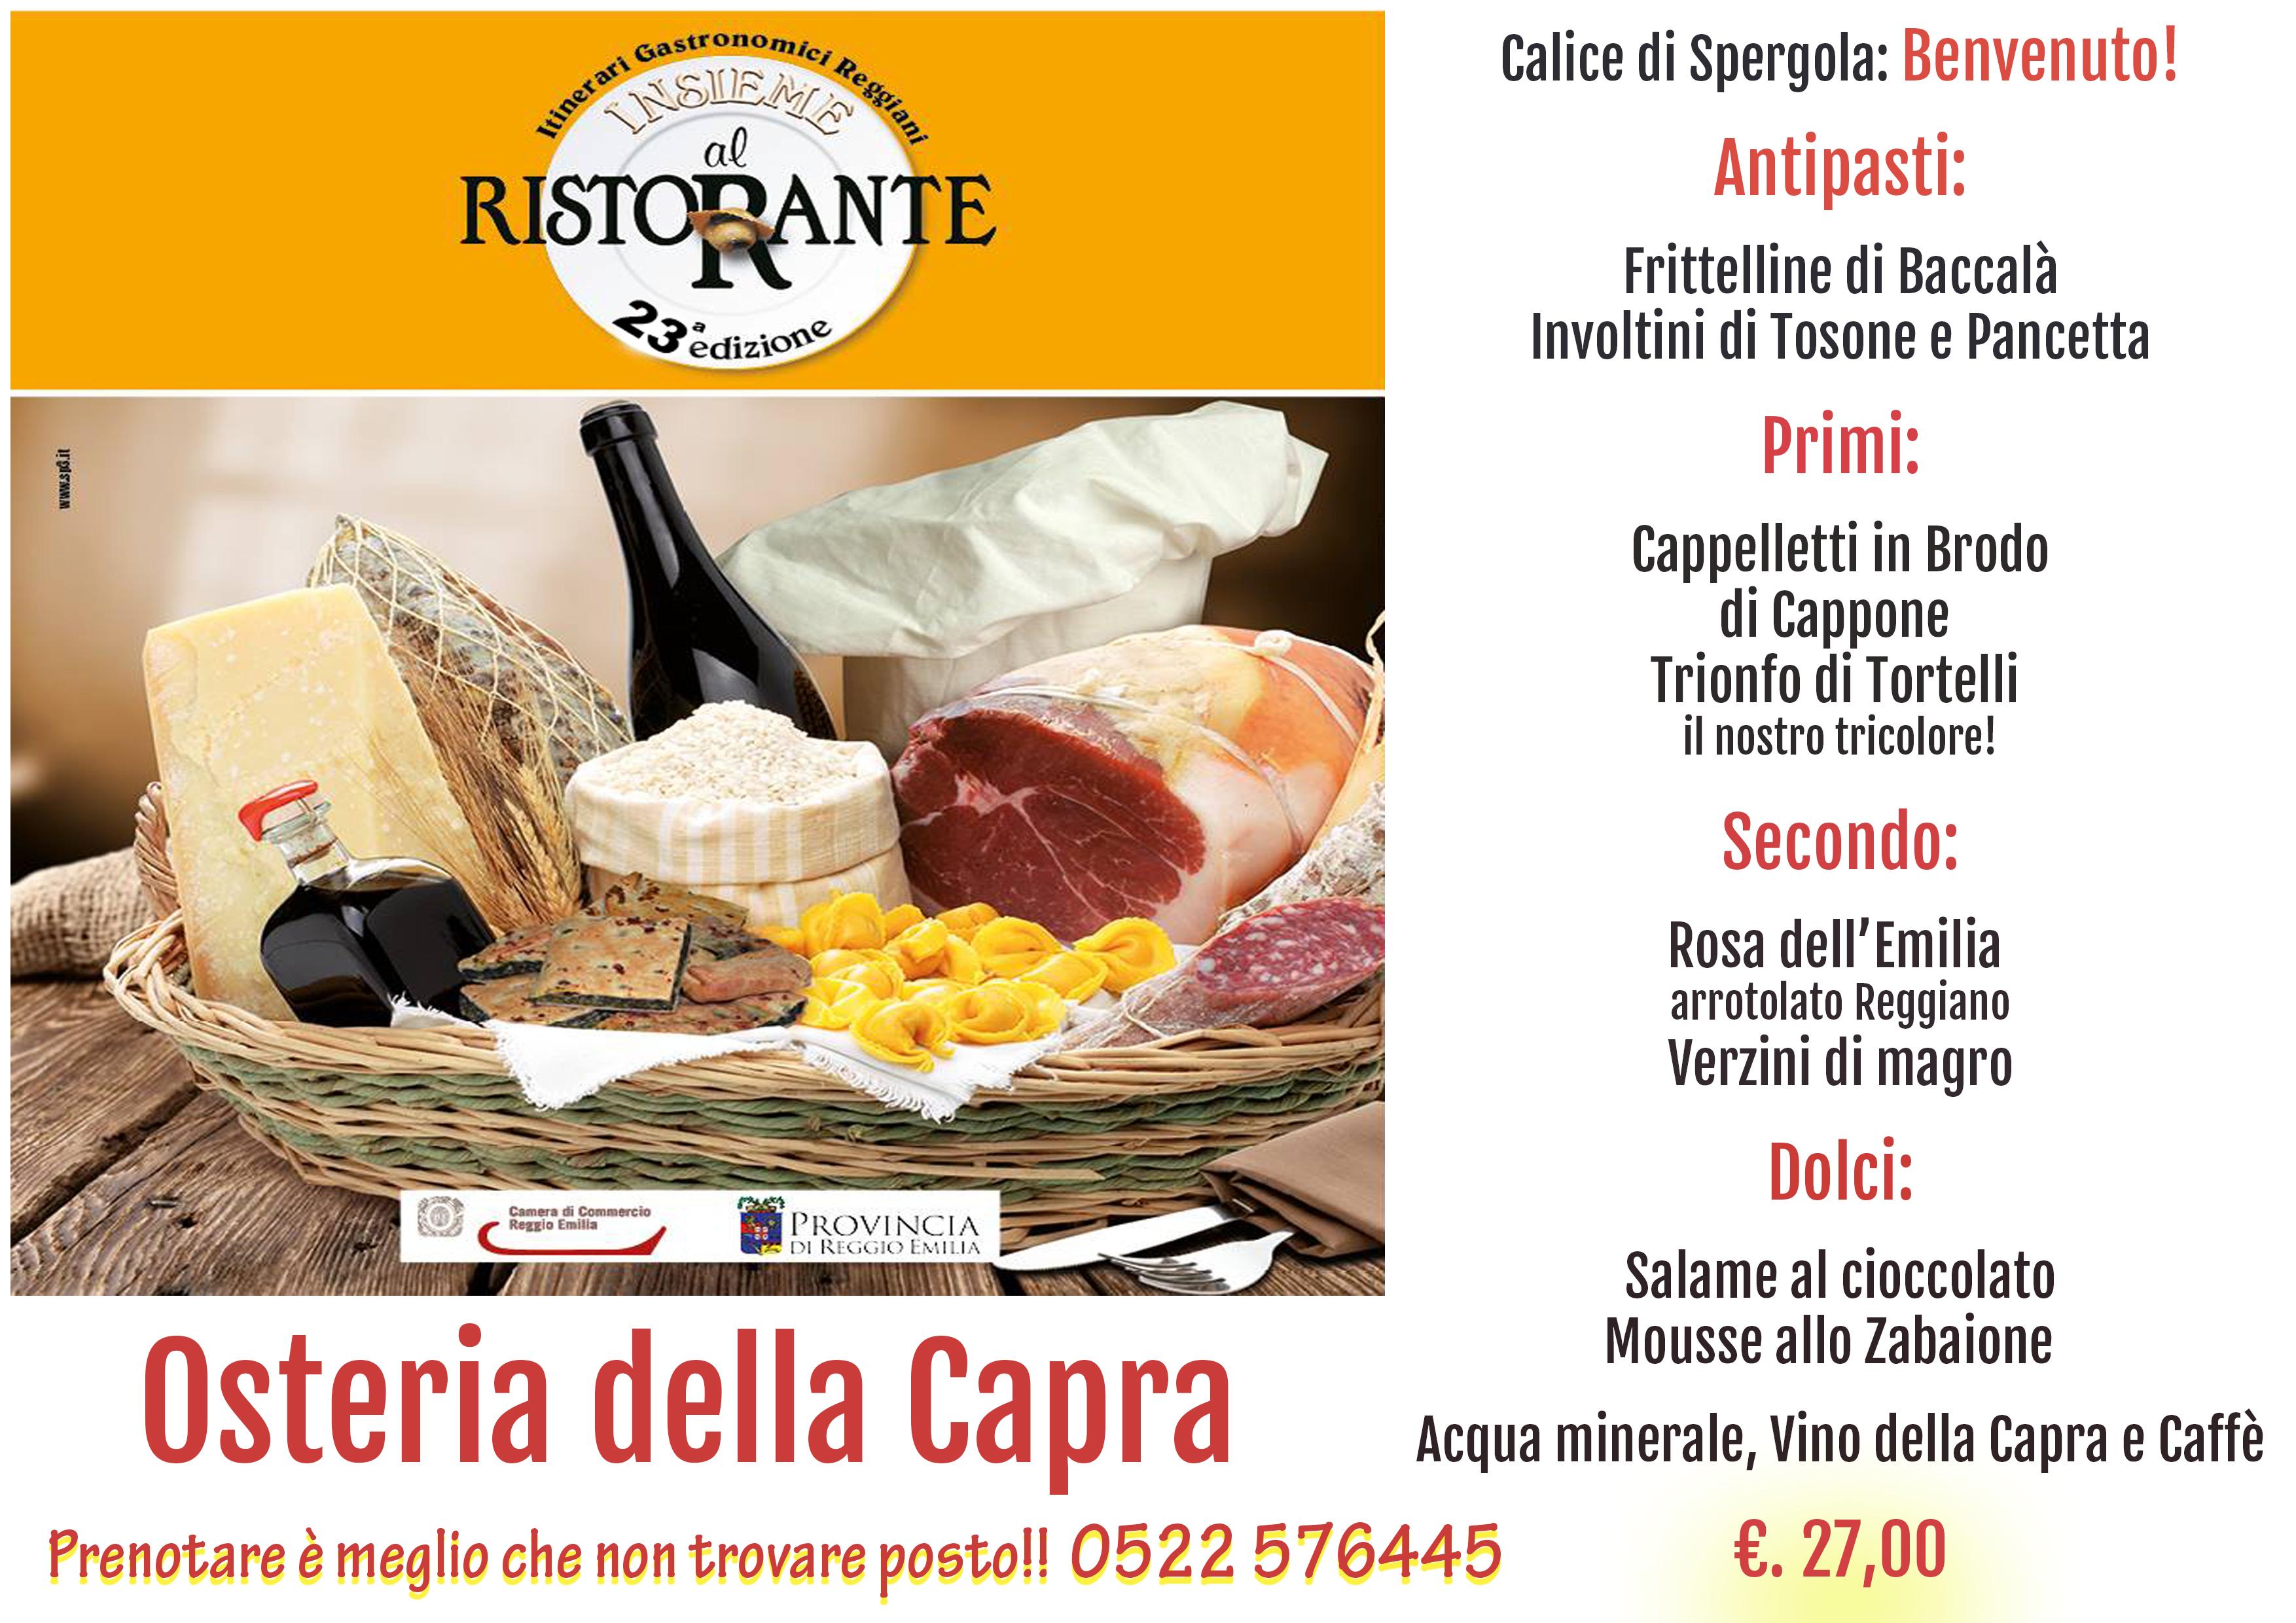 Cucina emiliana reggio emilia osteria della capra - La cucina della capra ...